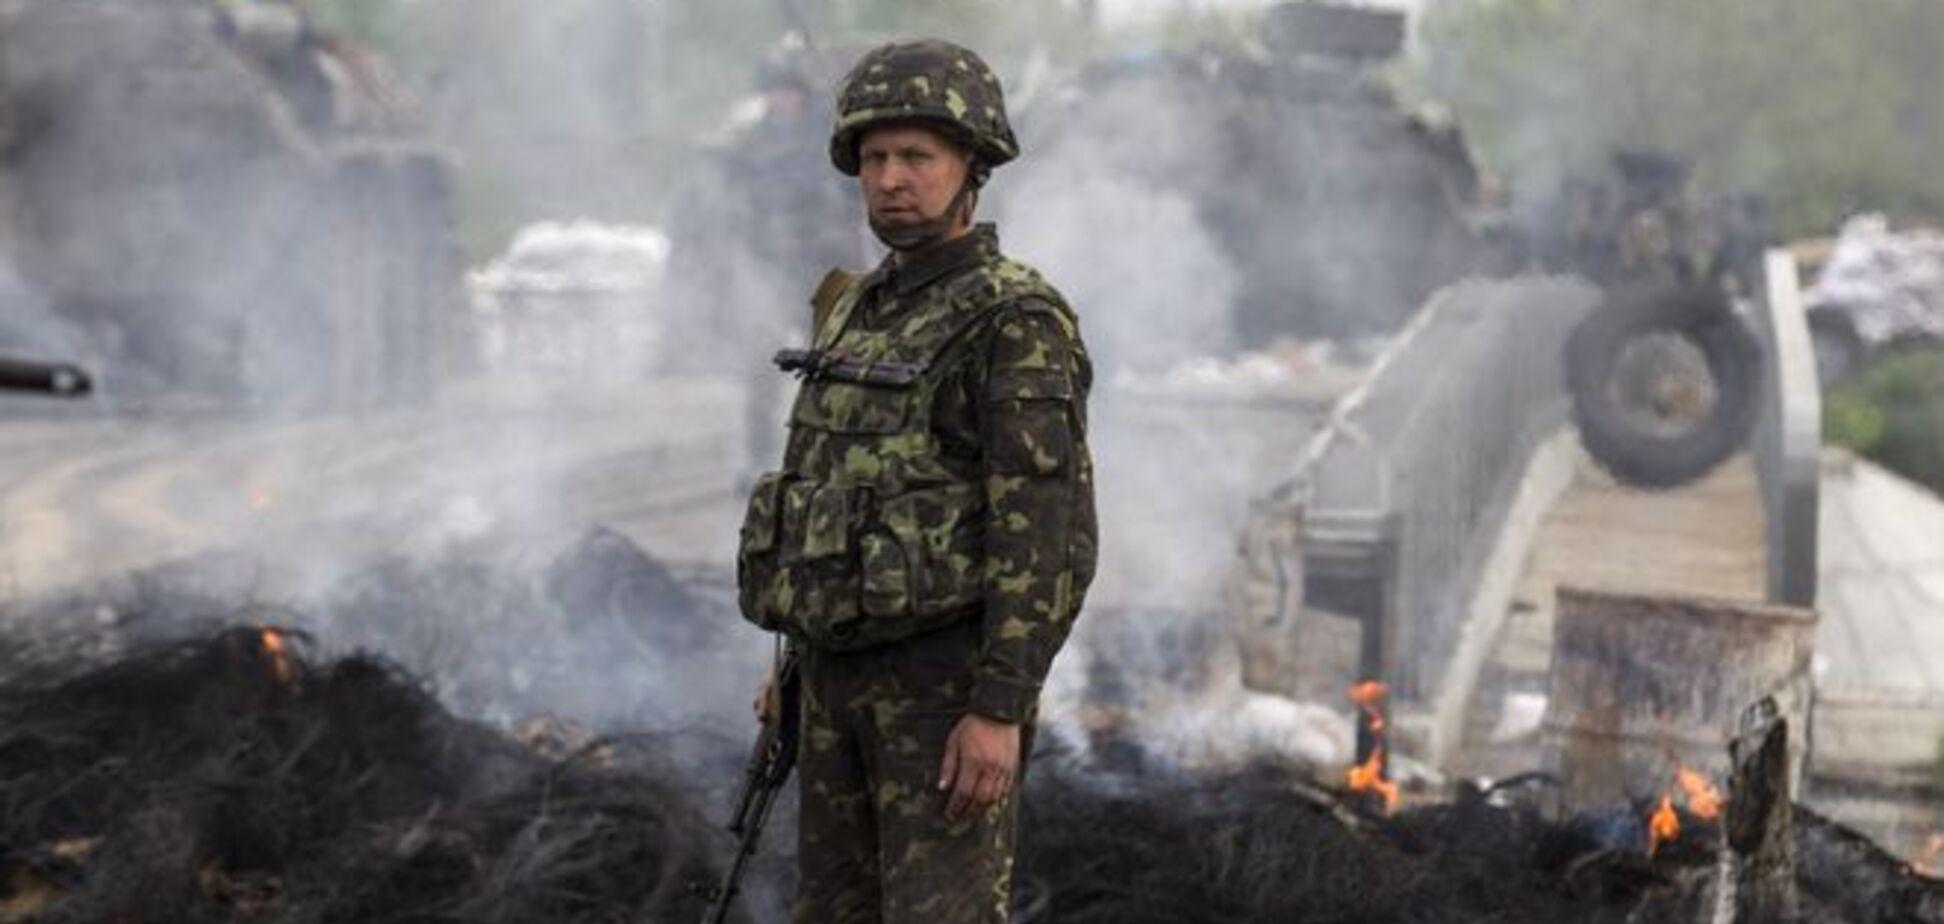 Украинские добровольцы сегодня намерены пикетировать штаб АТО